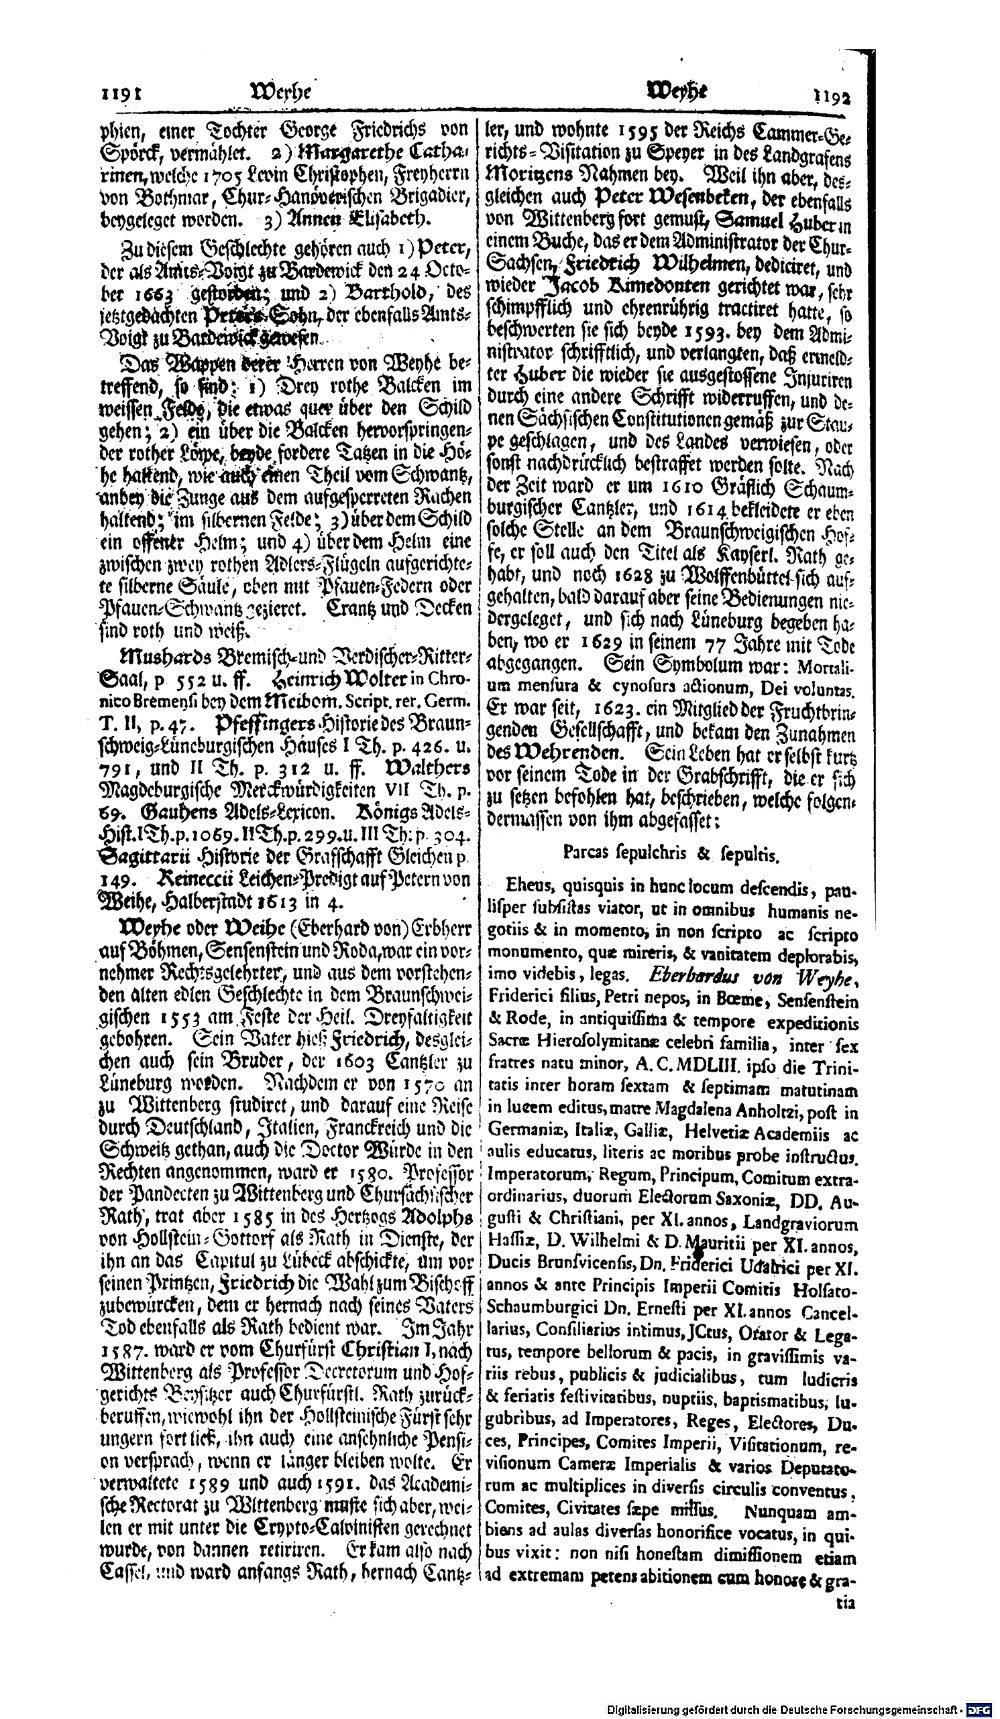 Bd. 55, Seite 0611.